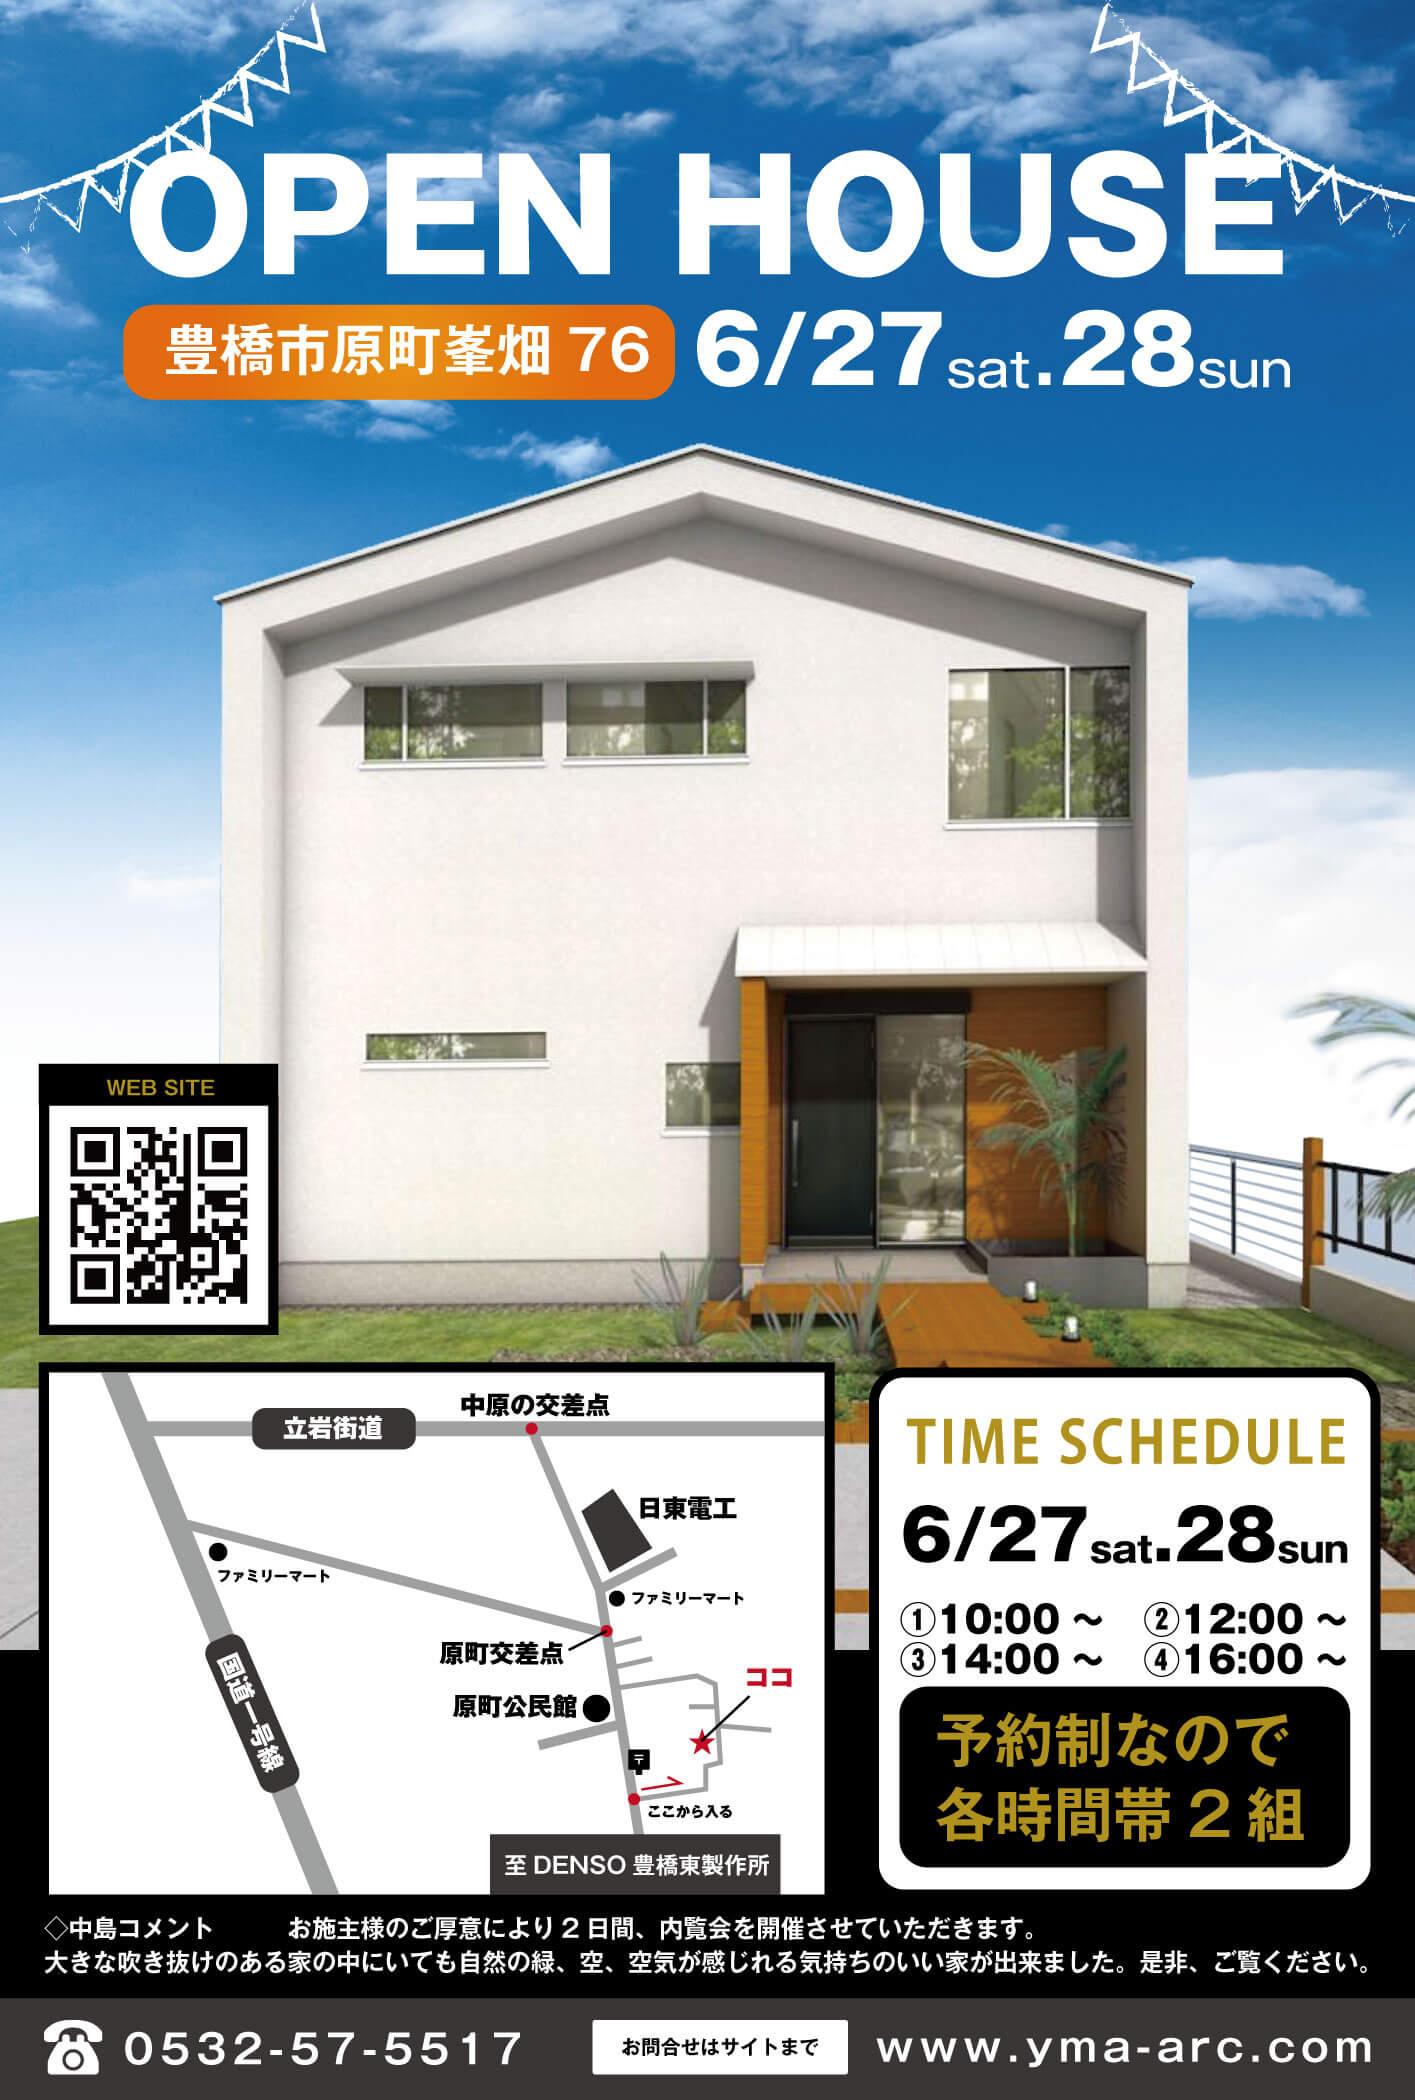 【豊橋市原町峯畑】OPEN HOUSE 6/27(土)6/28(日)